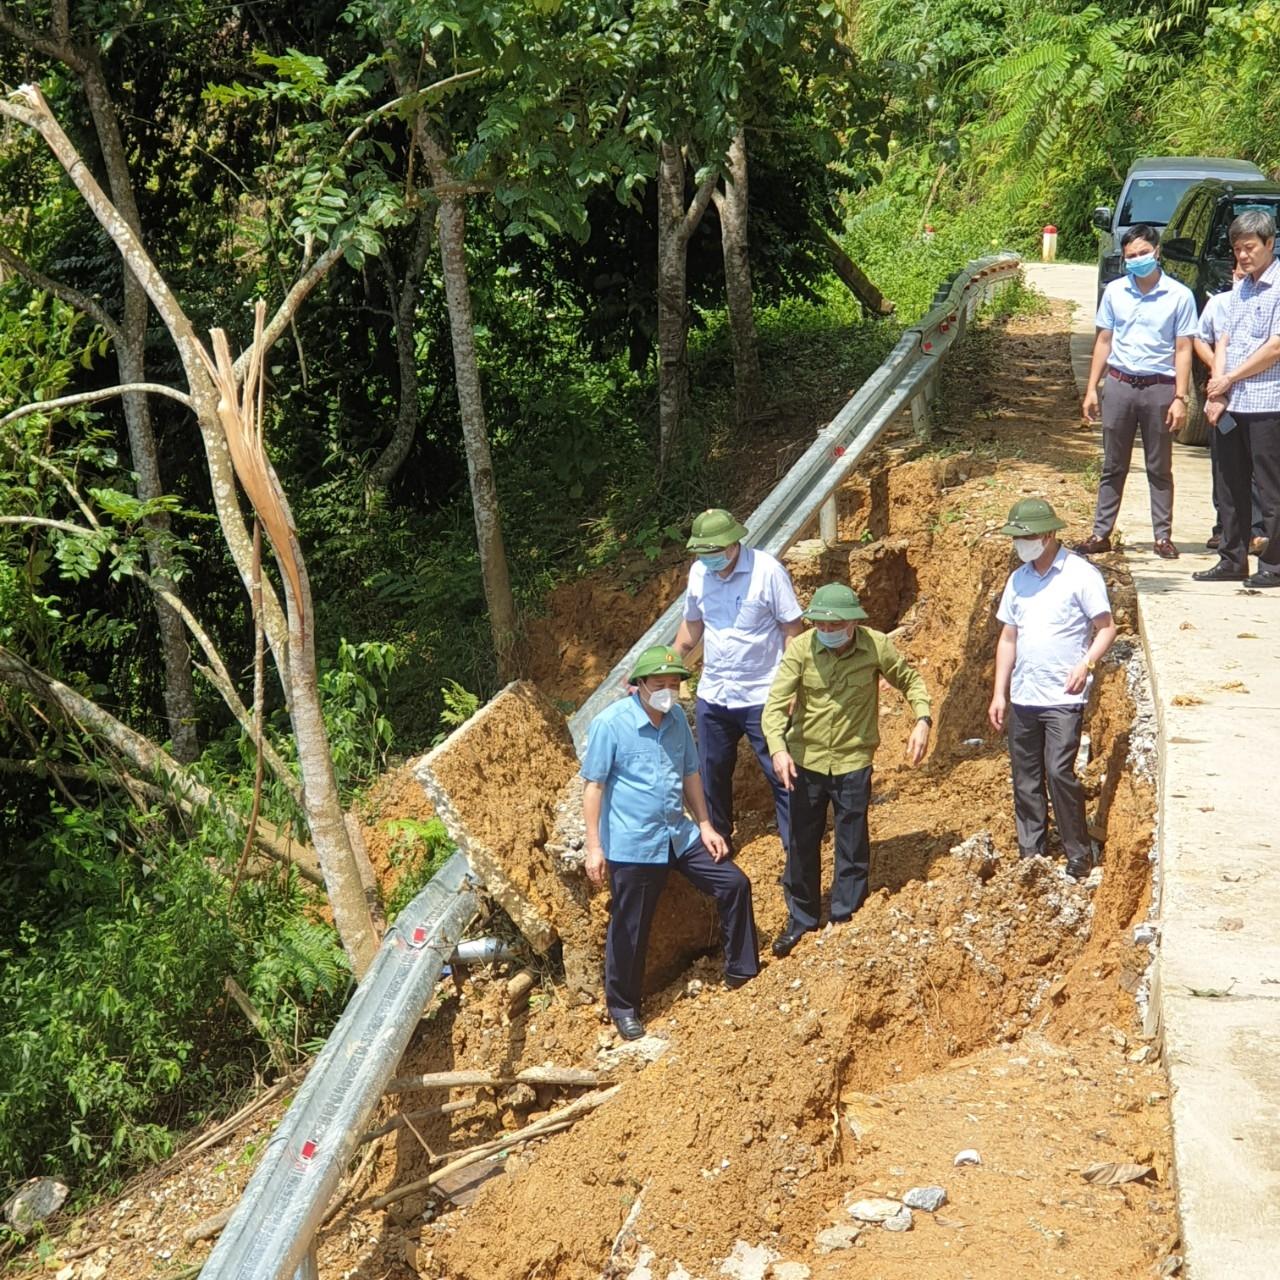 Đoàn công tác kiểm tra các điểm sạt lở tại đường vào xã Khâu Tinh, huyện Na Hang, Tuyên Quang